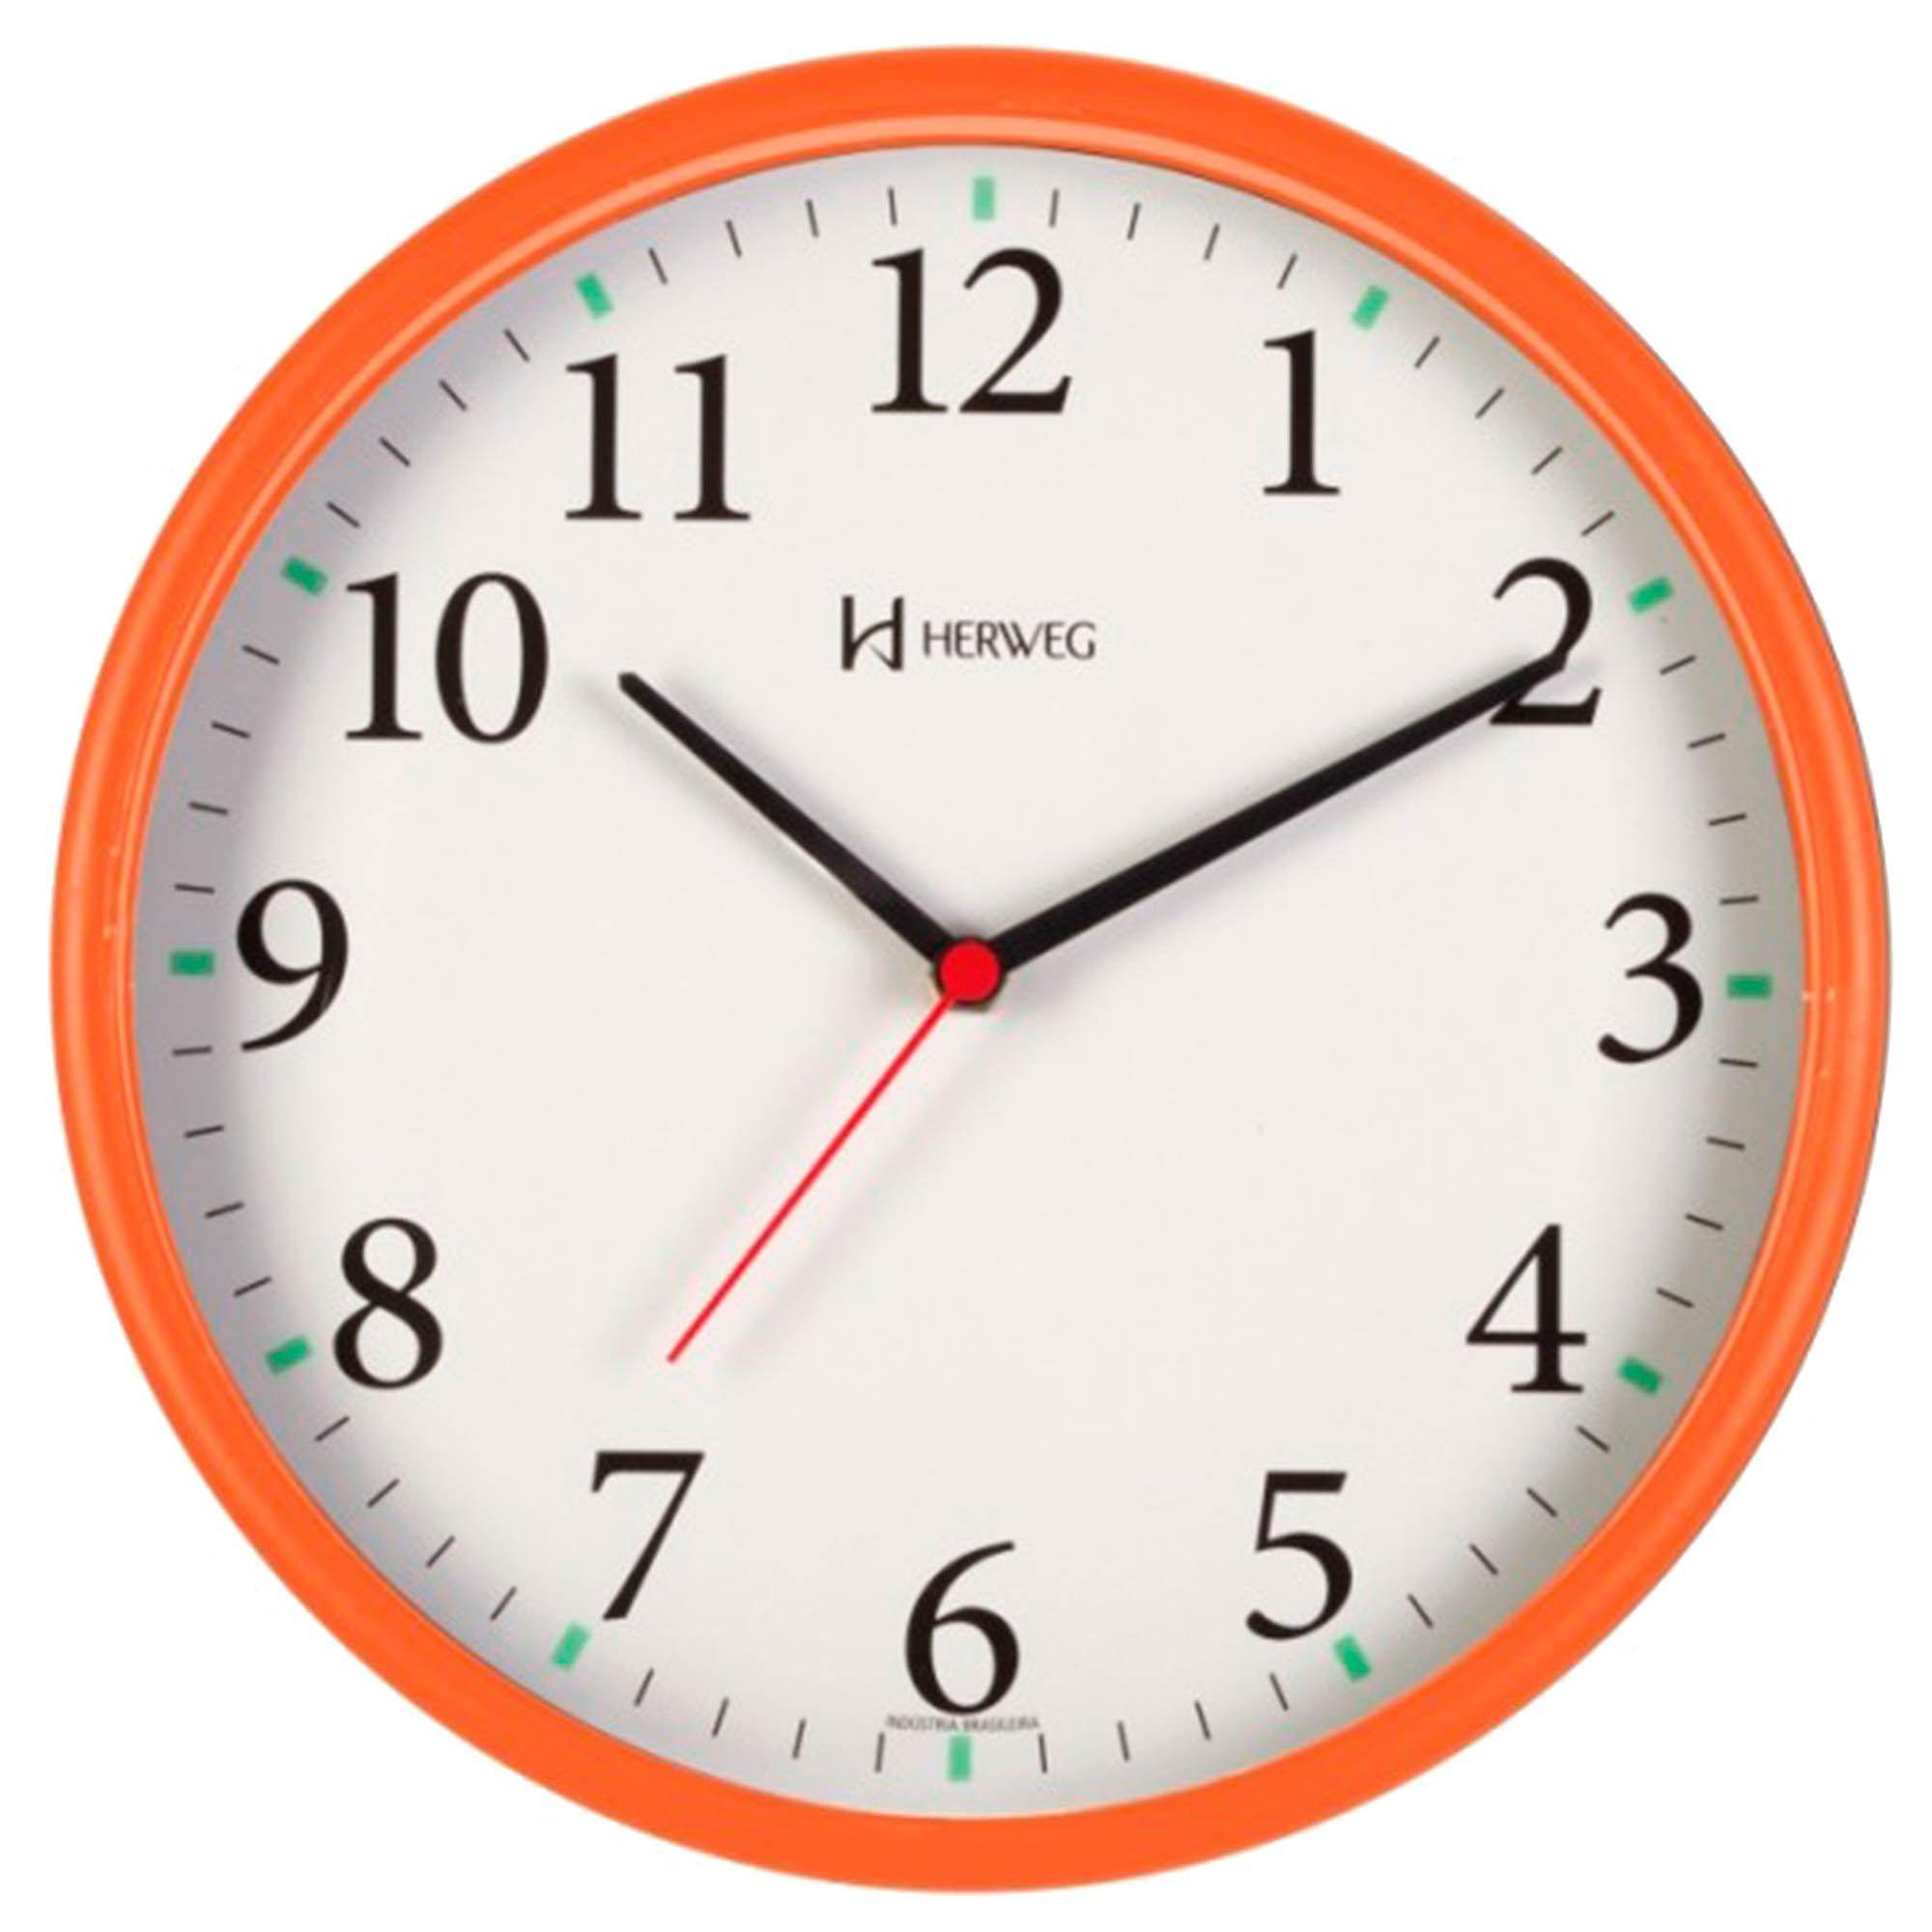 Relógio de Parede Analógico Herweg 660022 270 Laranja Pantone